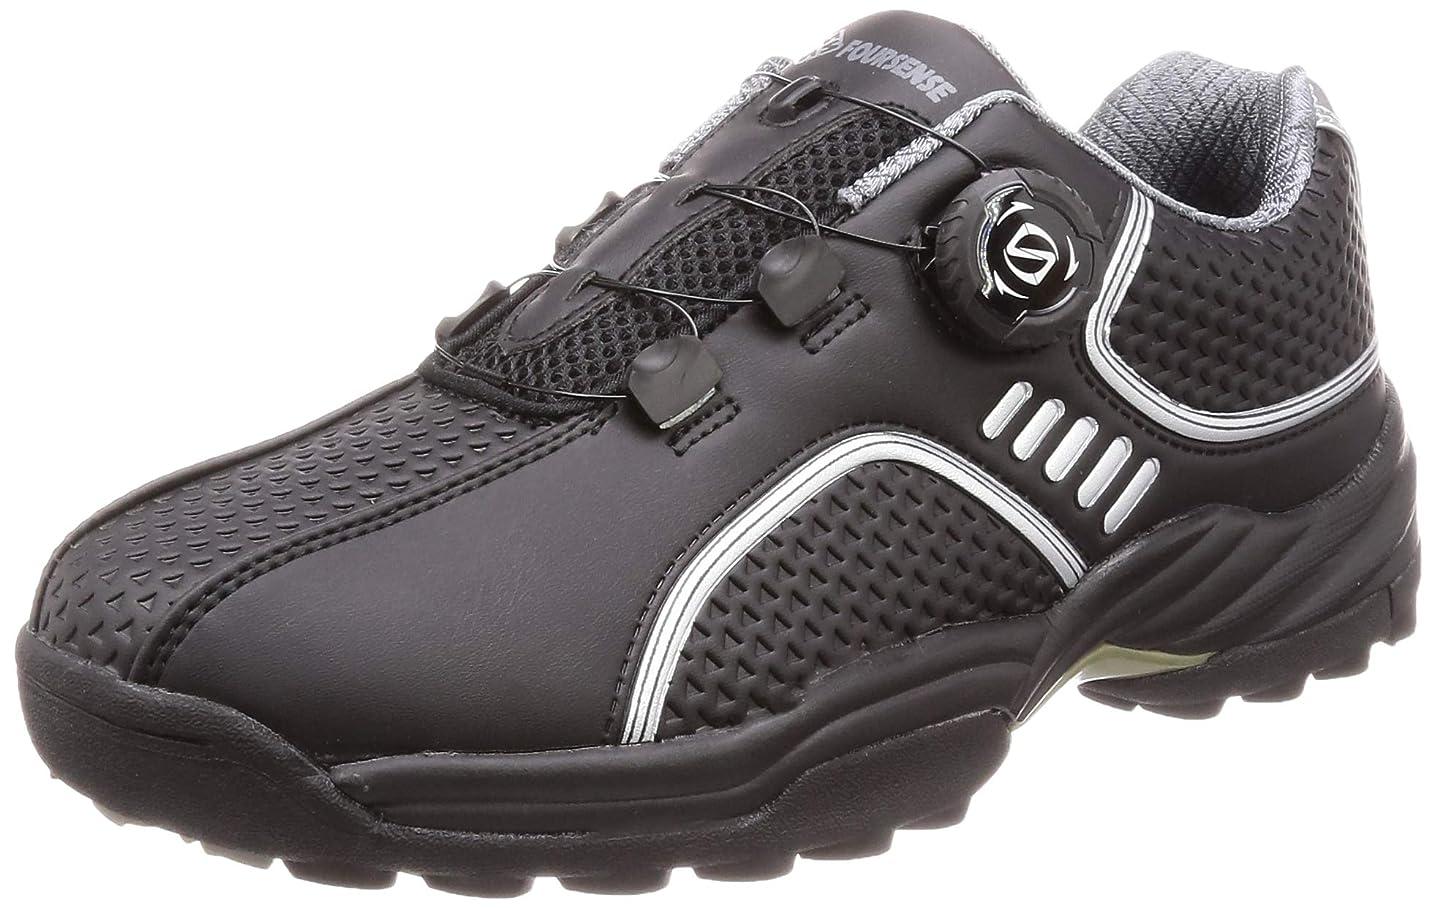 ビーズ財布あいまいさ[フォーセンス] ゴルフ スパイクレス ダイヤルシューズ スポーツシューズ トレッキングシューズ 登山靴 メンズ スピンオン